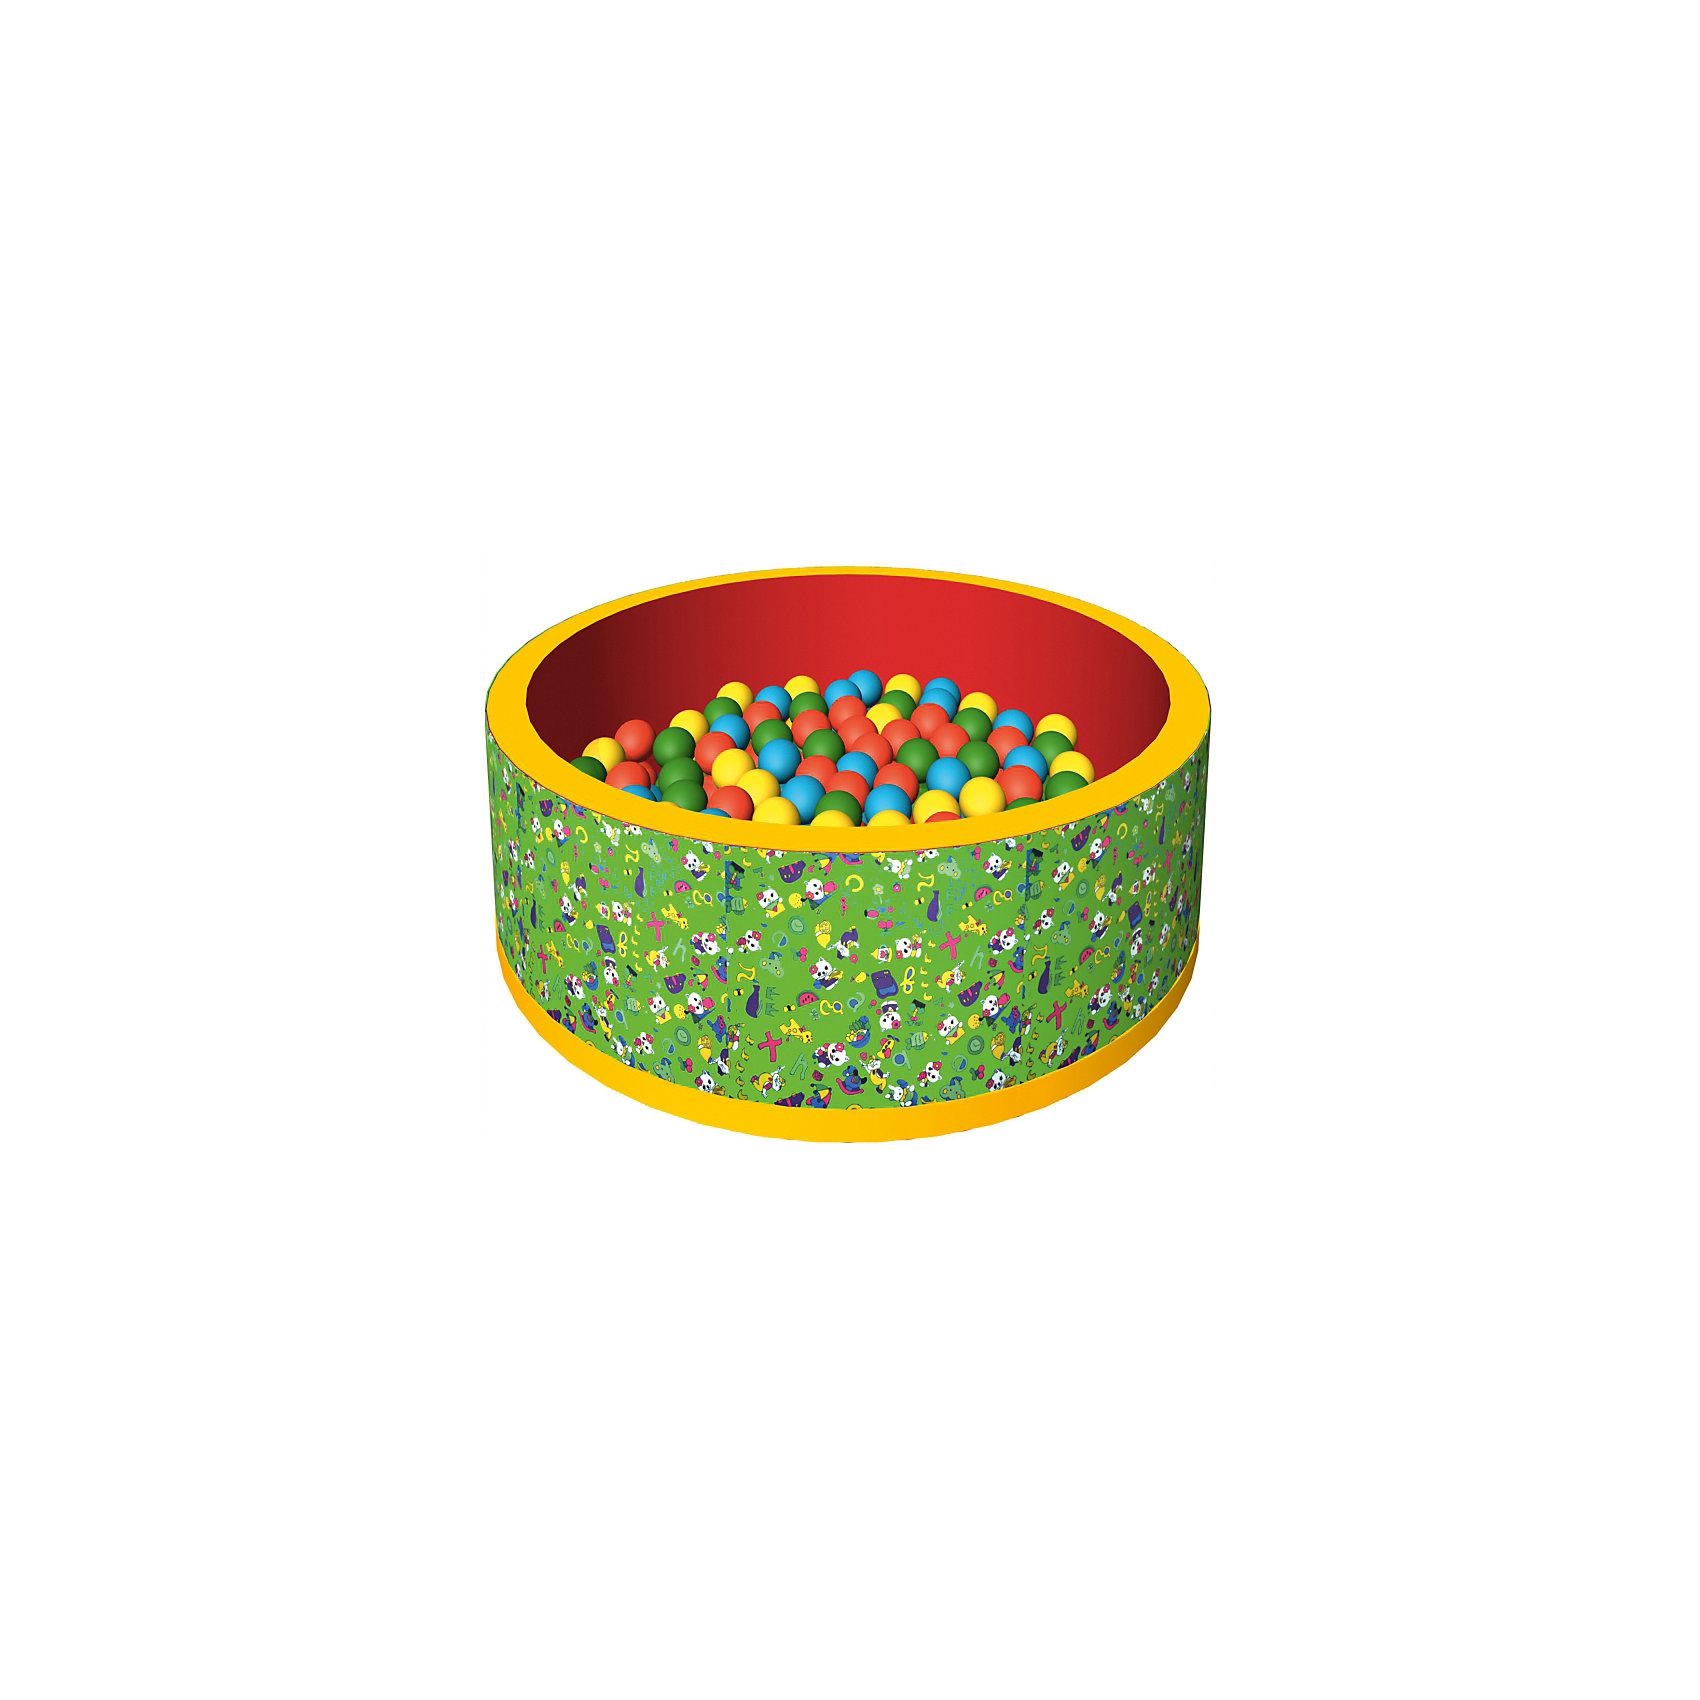 Сухой бассейн Веселая полянка, ROMANA, зеленыйБассейны<br>Бассейн сухой с шариками – мечта всех детей! В бассейне 150 разноцветных шариков. Модель довольно компактного размера, так что будет прекрасно помещаться в детскую комнату. Шарики развивают ловкость и мелкую моторику. Жесткость шариков комфортна для прикосновения и не травмирует малышей. Все детали легко очищаются даже от самых сложных загрязнений. Материалы, использованные при изготовлении изделия, абсолютно безопасны для детей и отвечают всем международным требованиям по качеству. <br><br>Дополнительная информация: <br><br>количество: 150 шт;<br>цвет: зеленый;<br>размер: 100 х 100 х 33 см;<br>материал: дюспо.<br><br>Бассейн сухой с шариками «Веселая полянка» для детей от компании ROMANA можно приобрести в нашем магазине.<br><br>Ширина мм: 680<br>Глубина мм: 500<br>Высота мм: 350<br>Вес г: 5000<br>Возраст от месяцев: 36<br>Возраст до месяцев: 120<br>Пол: Унисекс<br>Возраст: Детский<br>SKU: 4993351